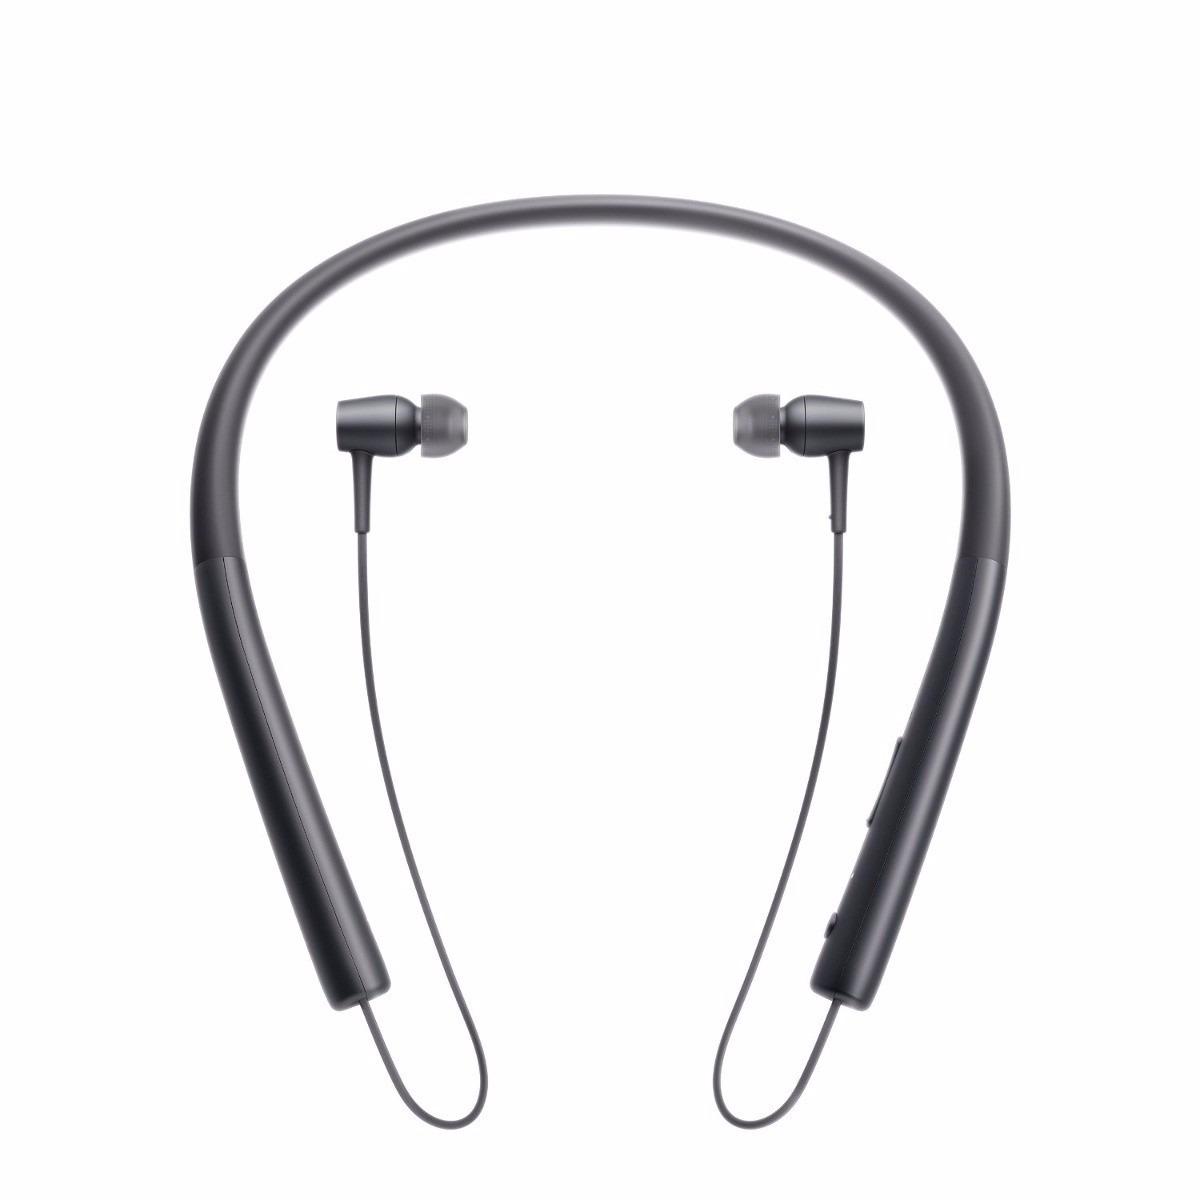 fone de ouvido sony wireless bluetooth hear in mdr